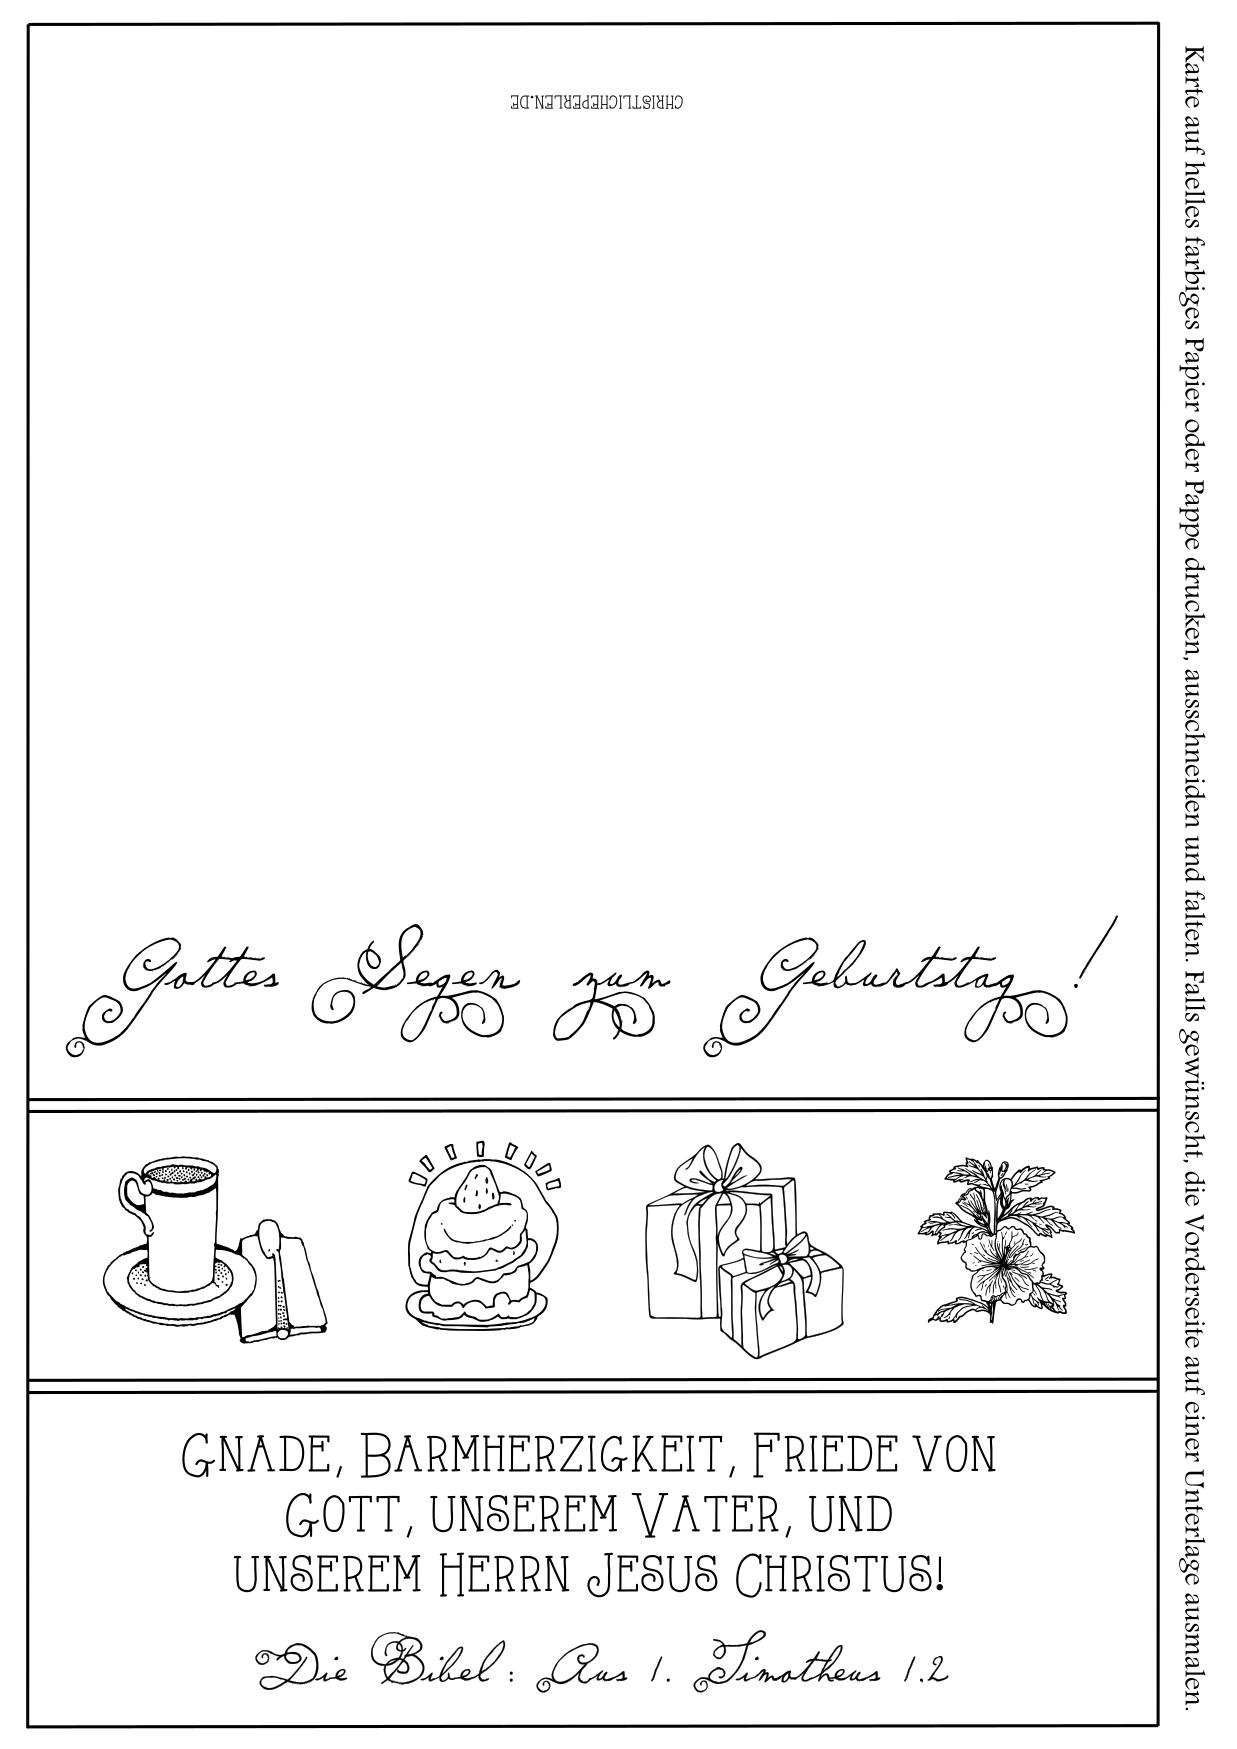 Karten zum geburtstag ausdrucken